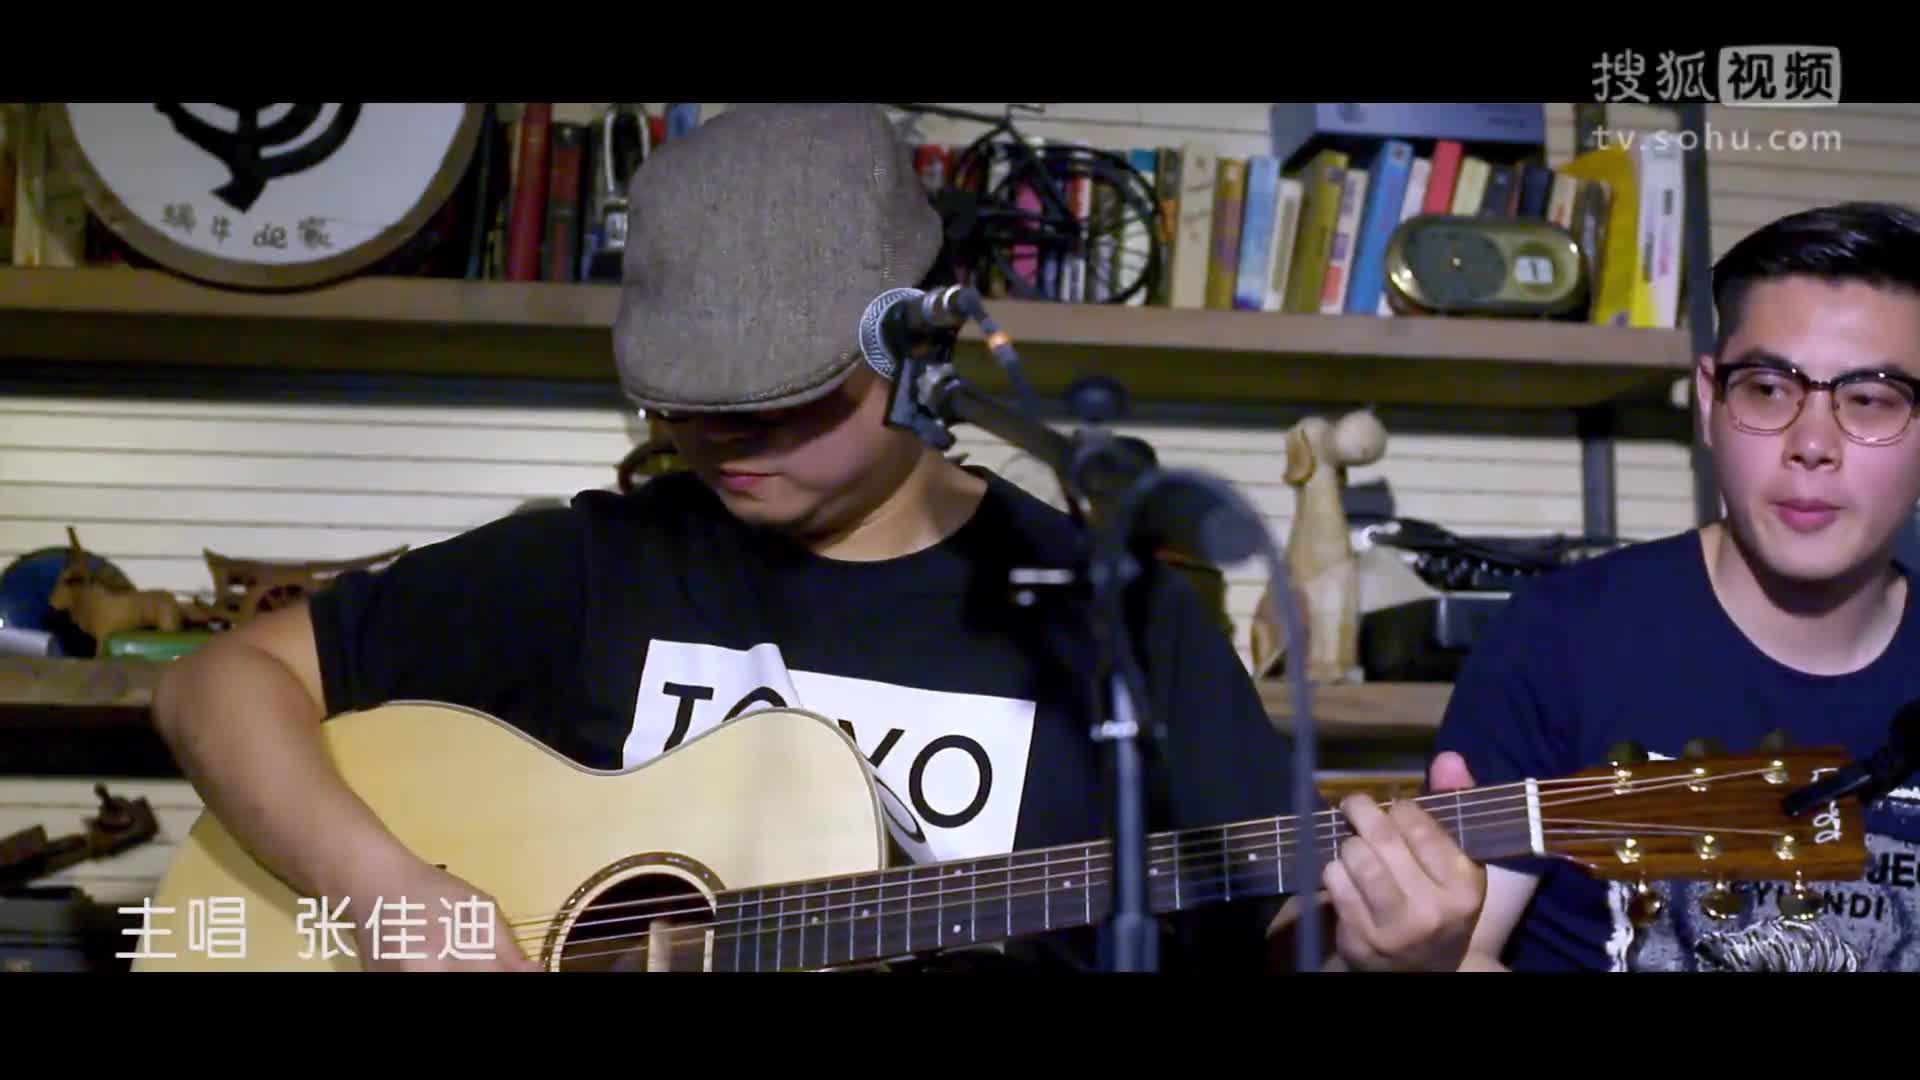 即兴弹唱『找自己』 手鼓+口琴+吉他【Dimo吉他私塾】第14集